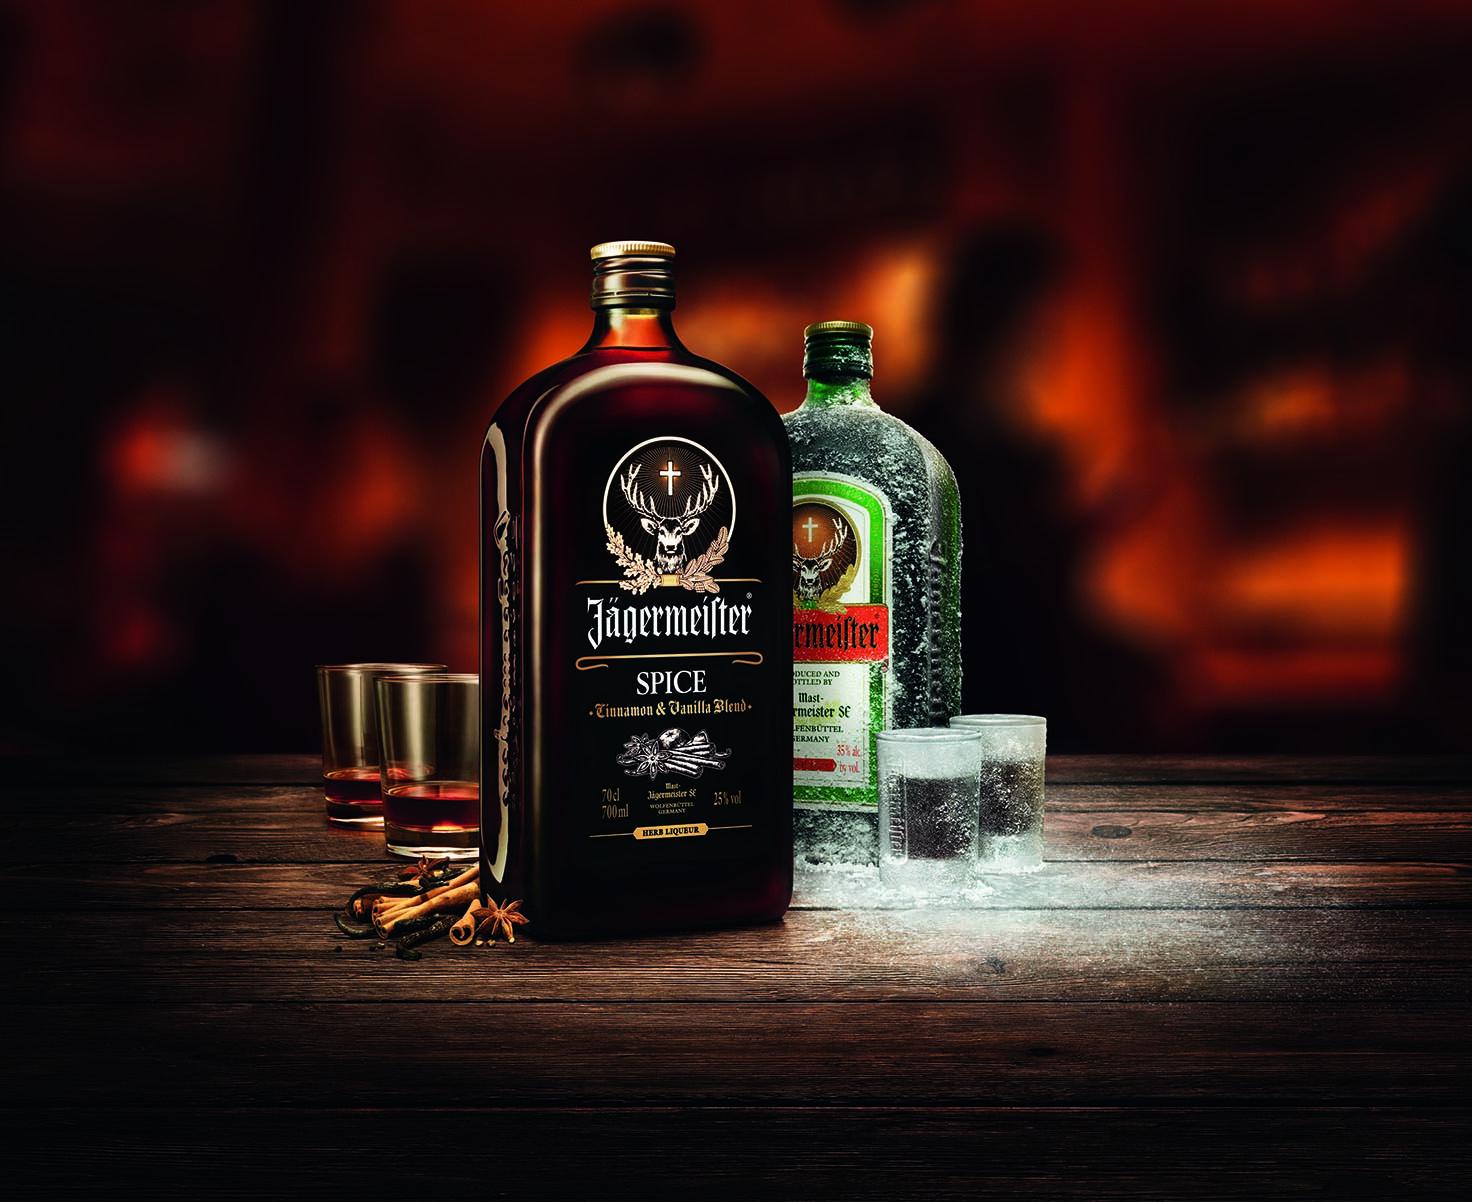 Jägermeister lancerer ny smag for første gang nogensinde.